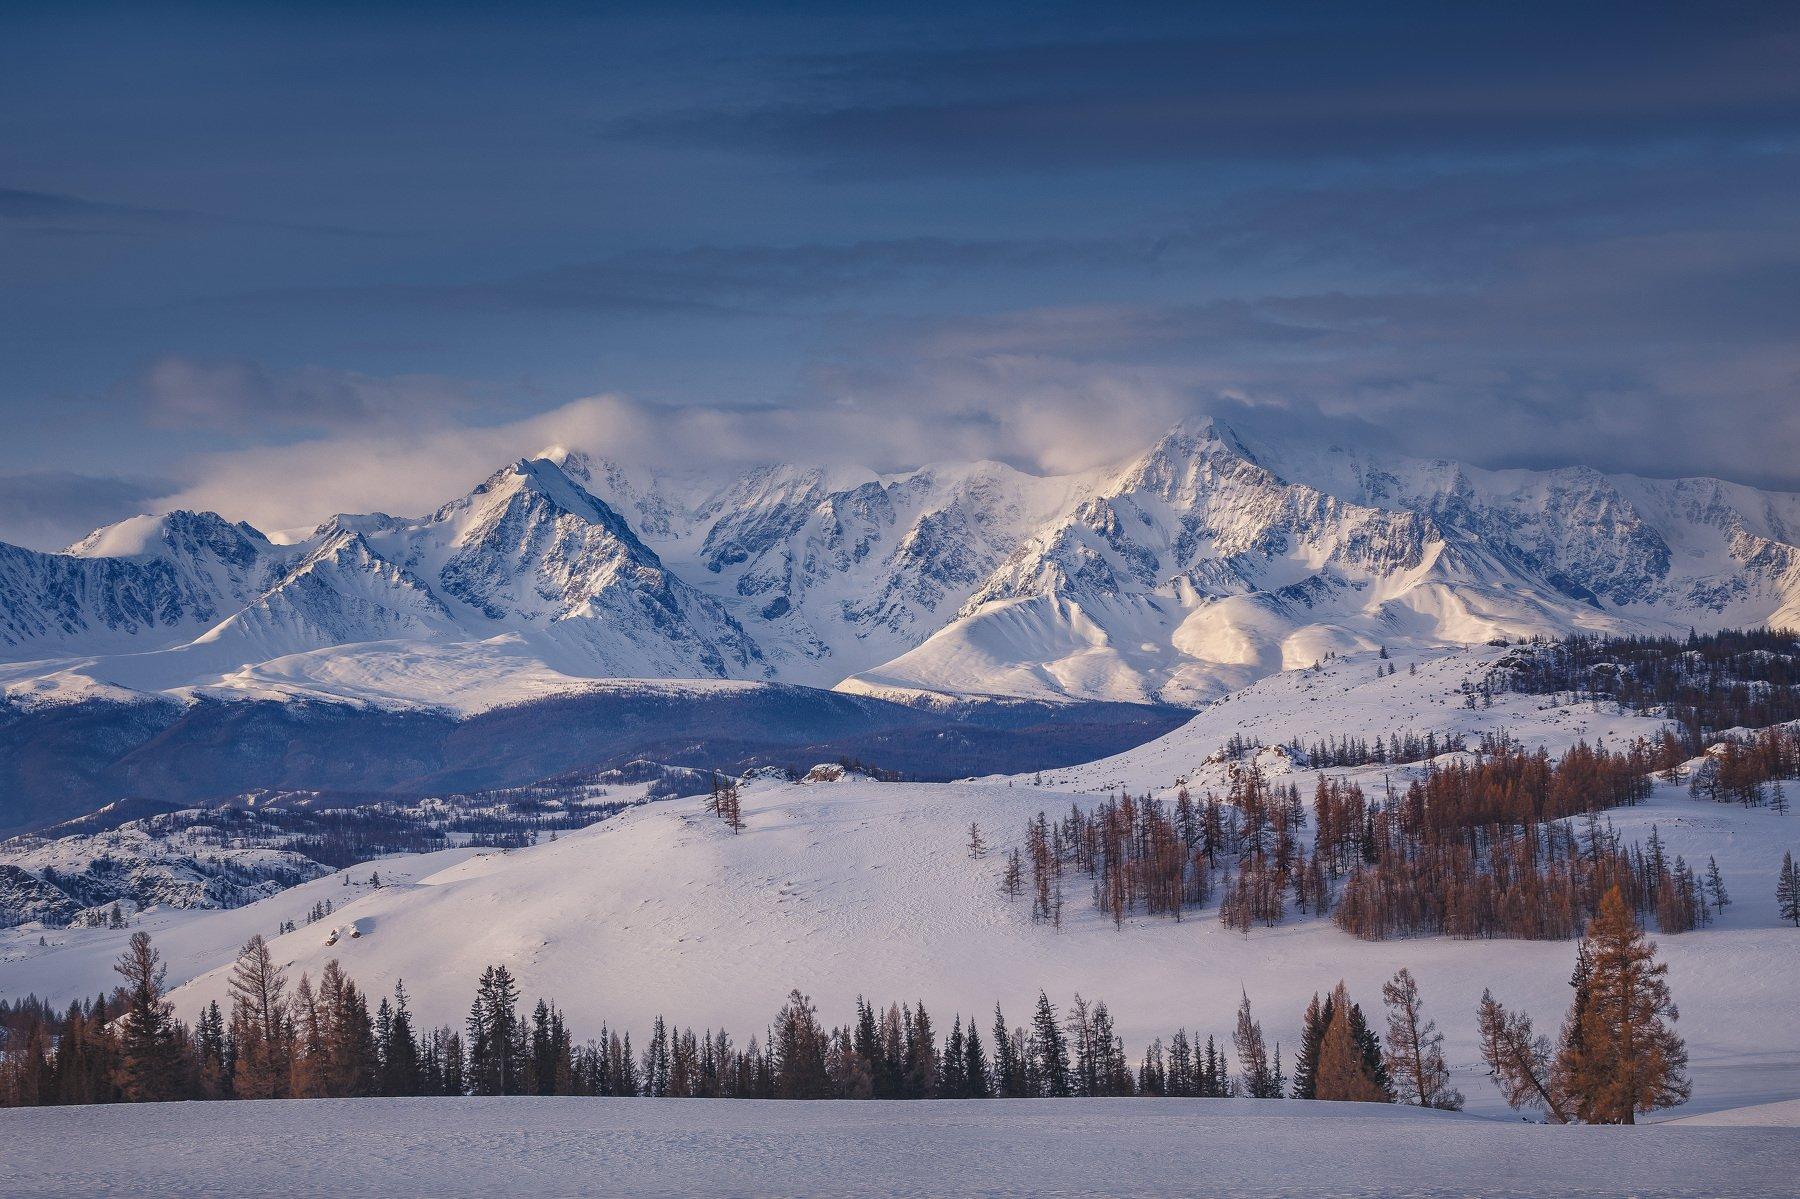 Алтай, Горы, Зима, Пейзаж, Природа, Рассвет, Россия, Снег, Купрацевич Дмитрий